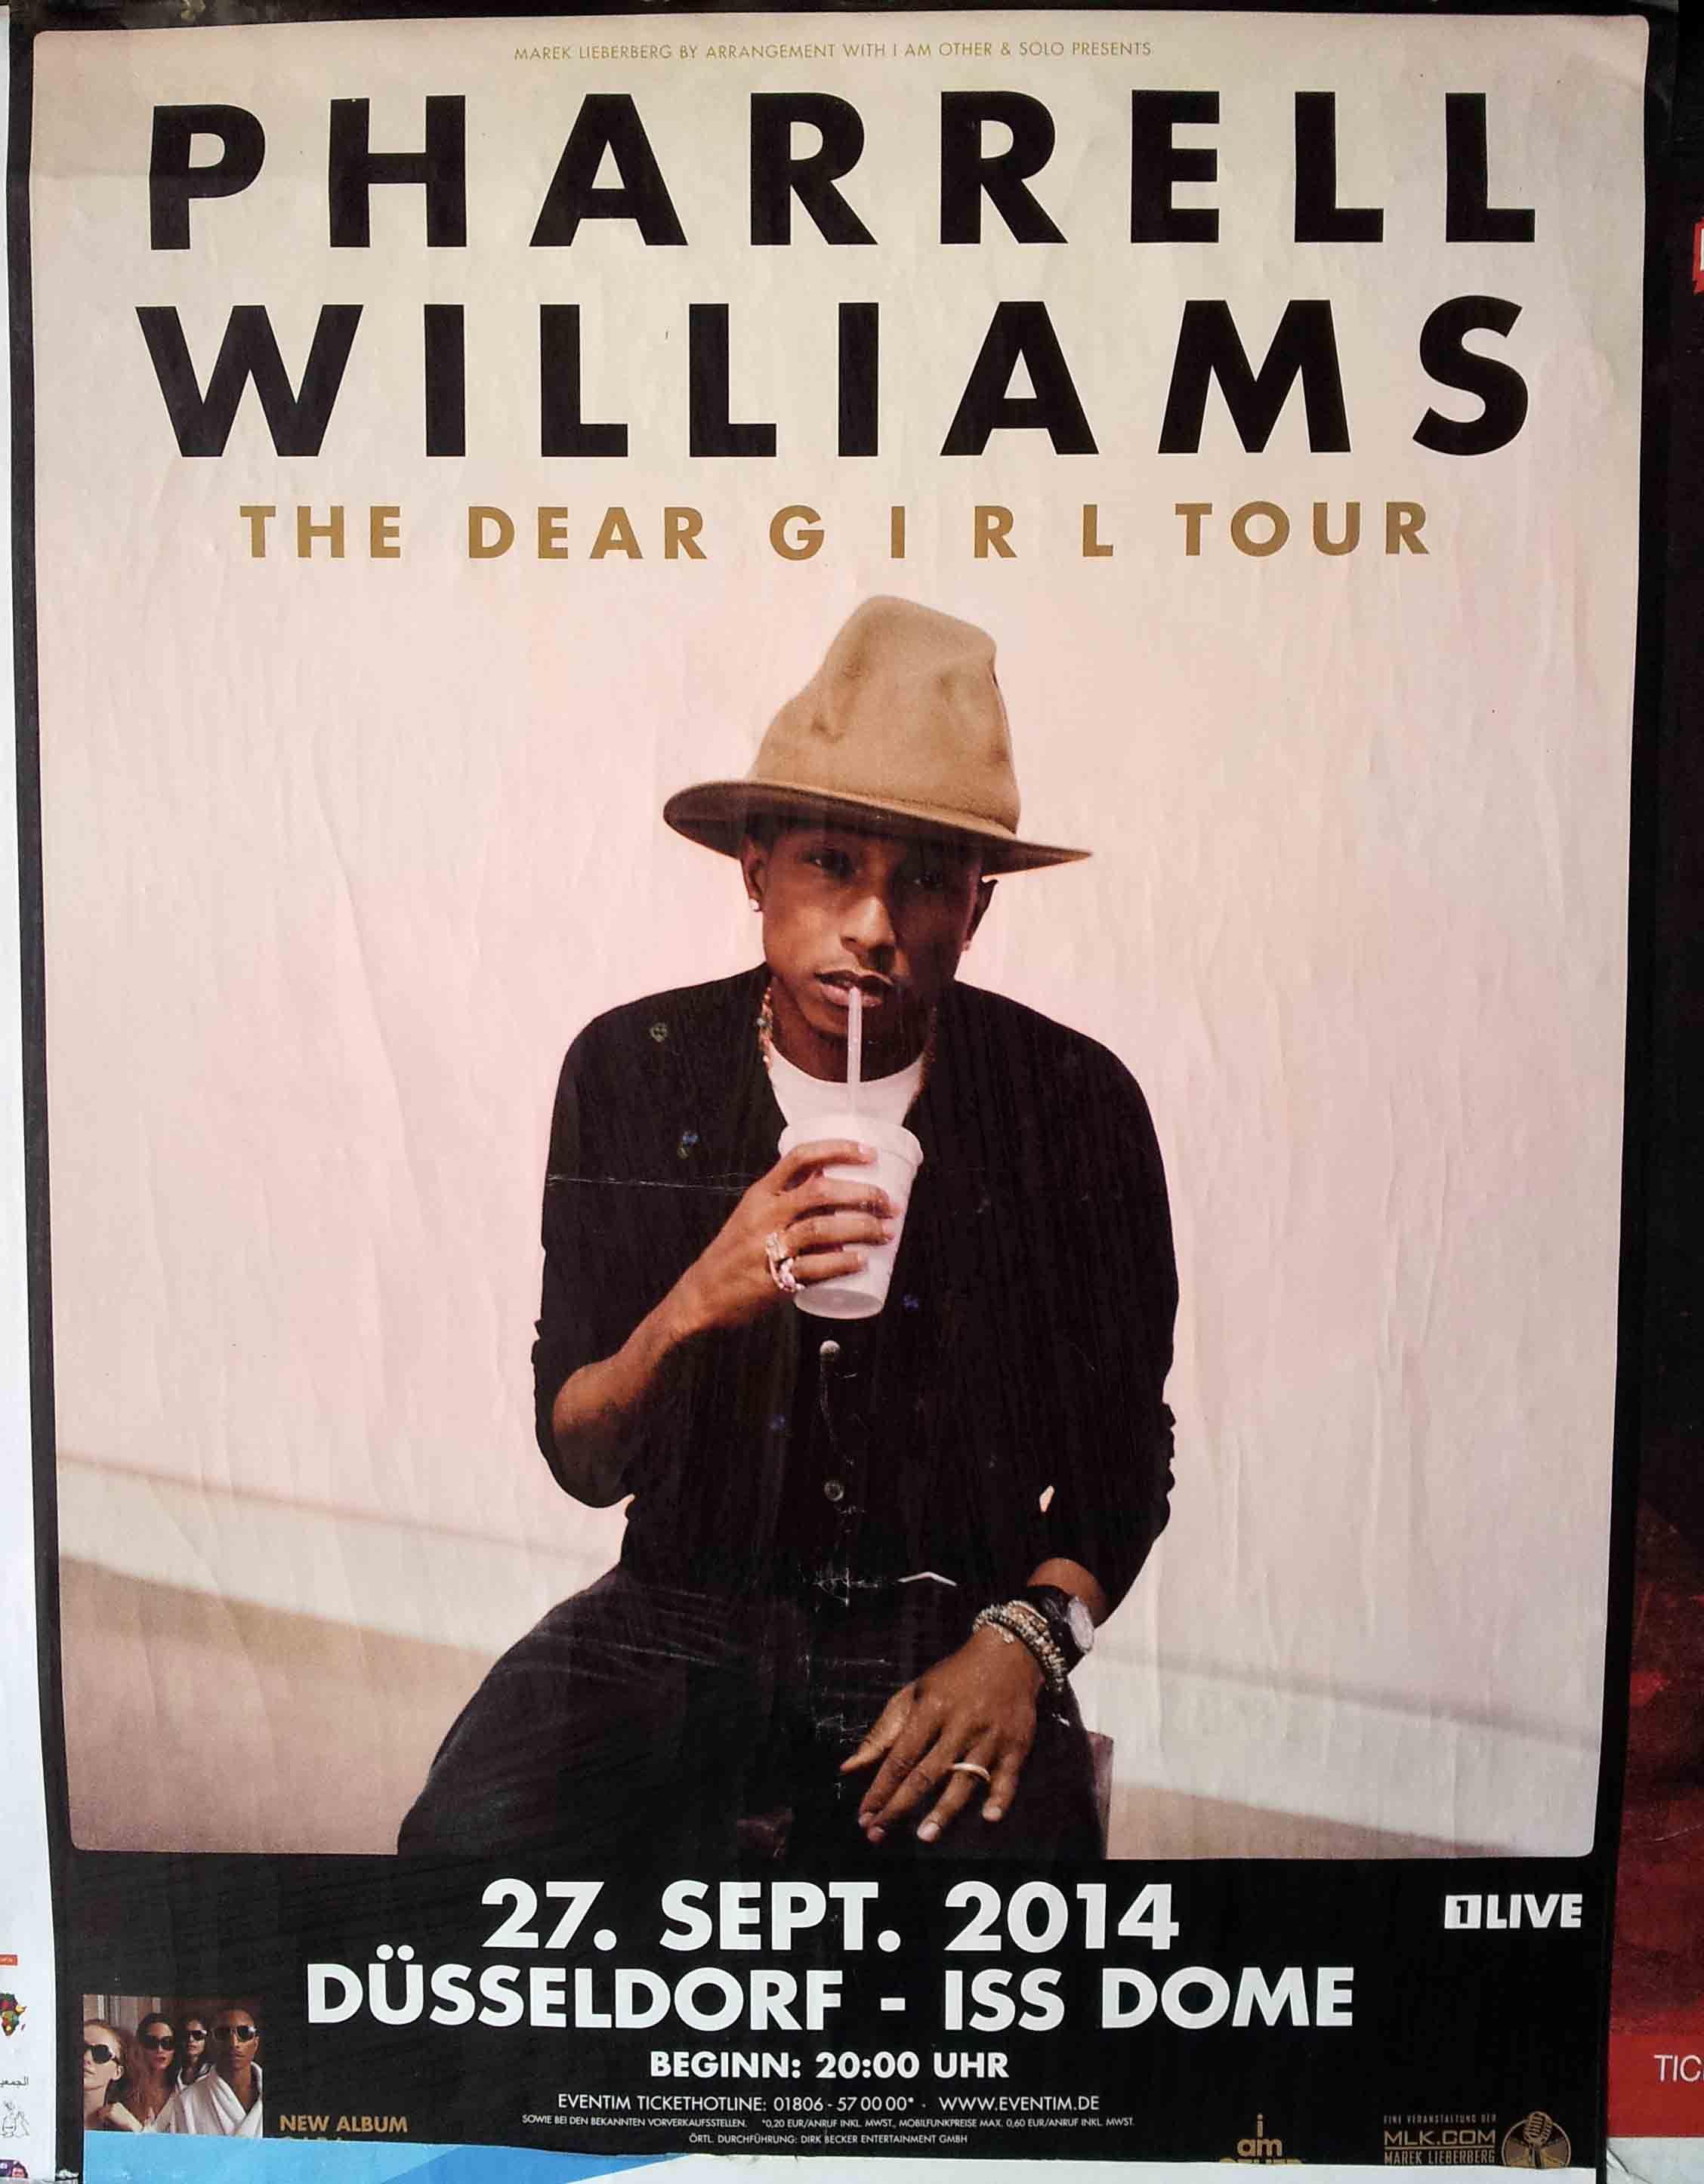 8f092195c8e Poster plakat pharrell williams urbane jpg 2256x2892 Pharrell williams  poster